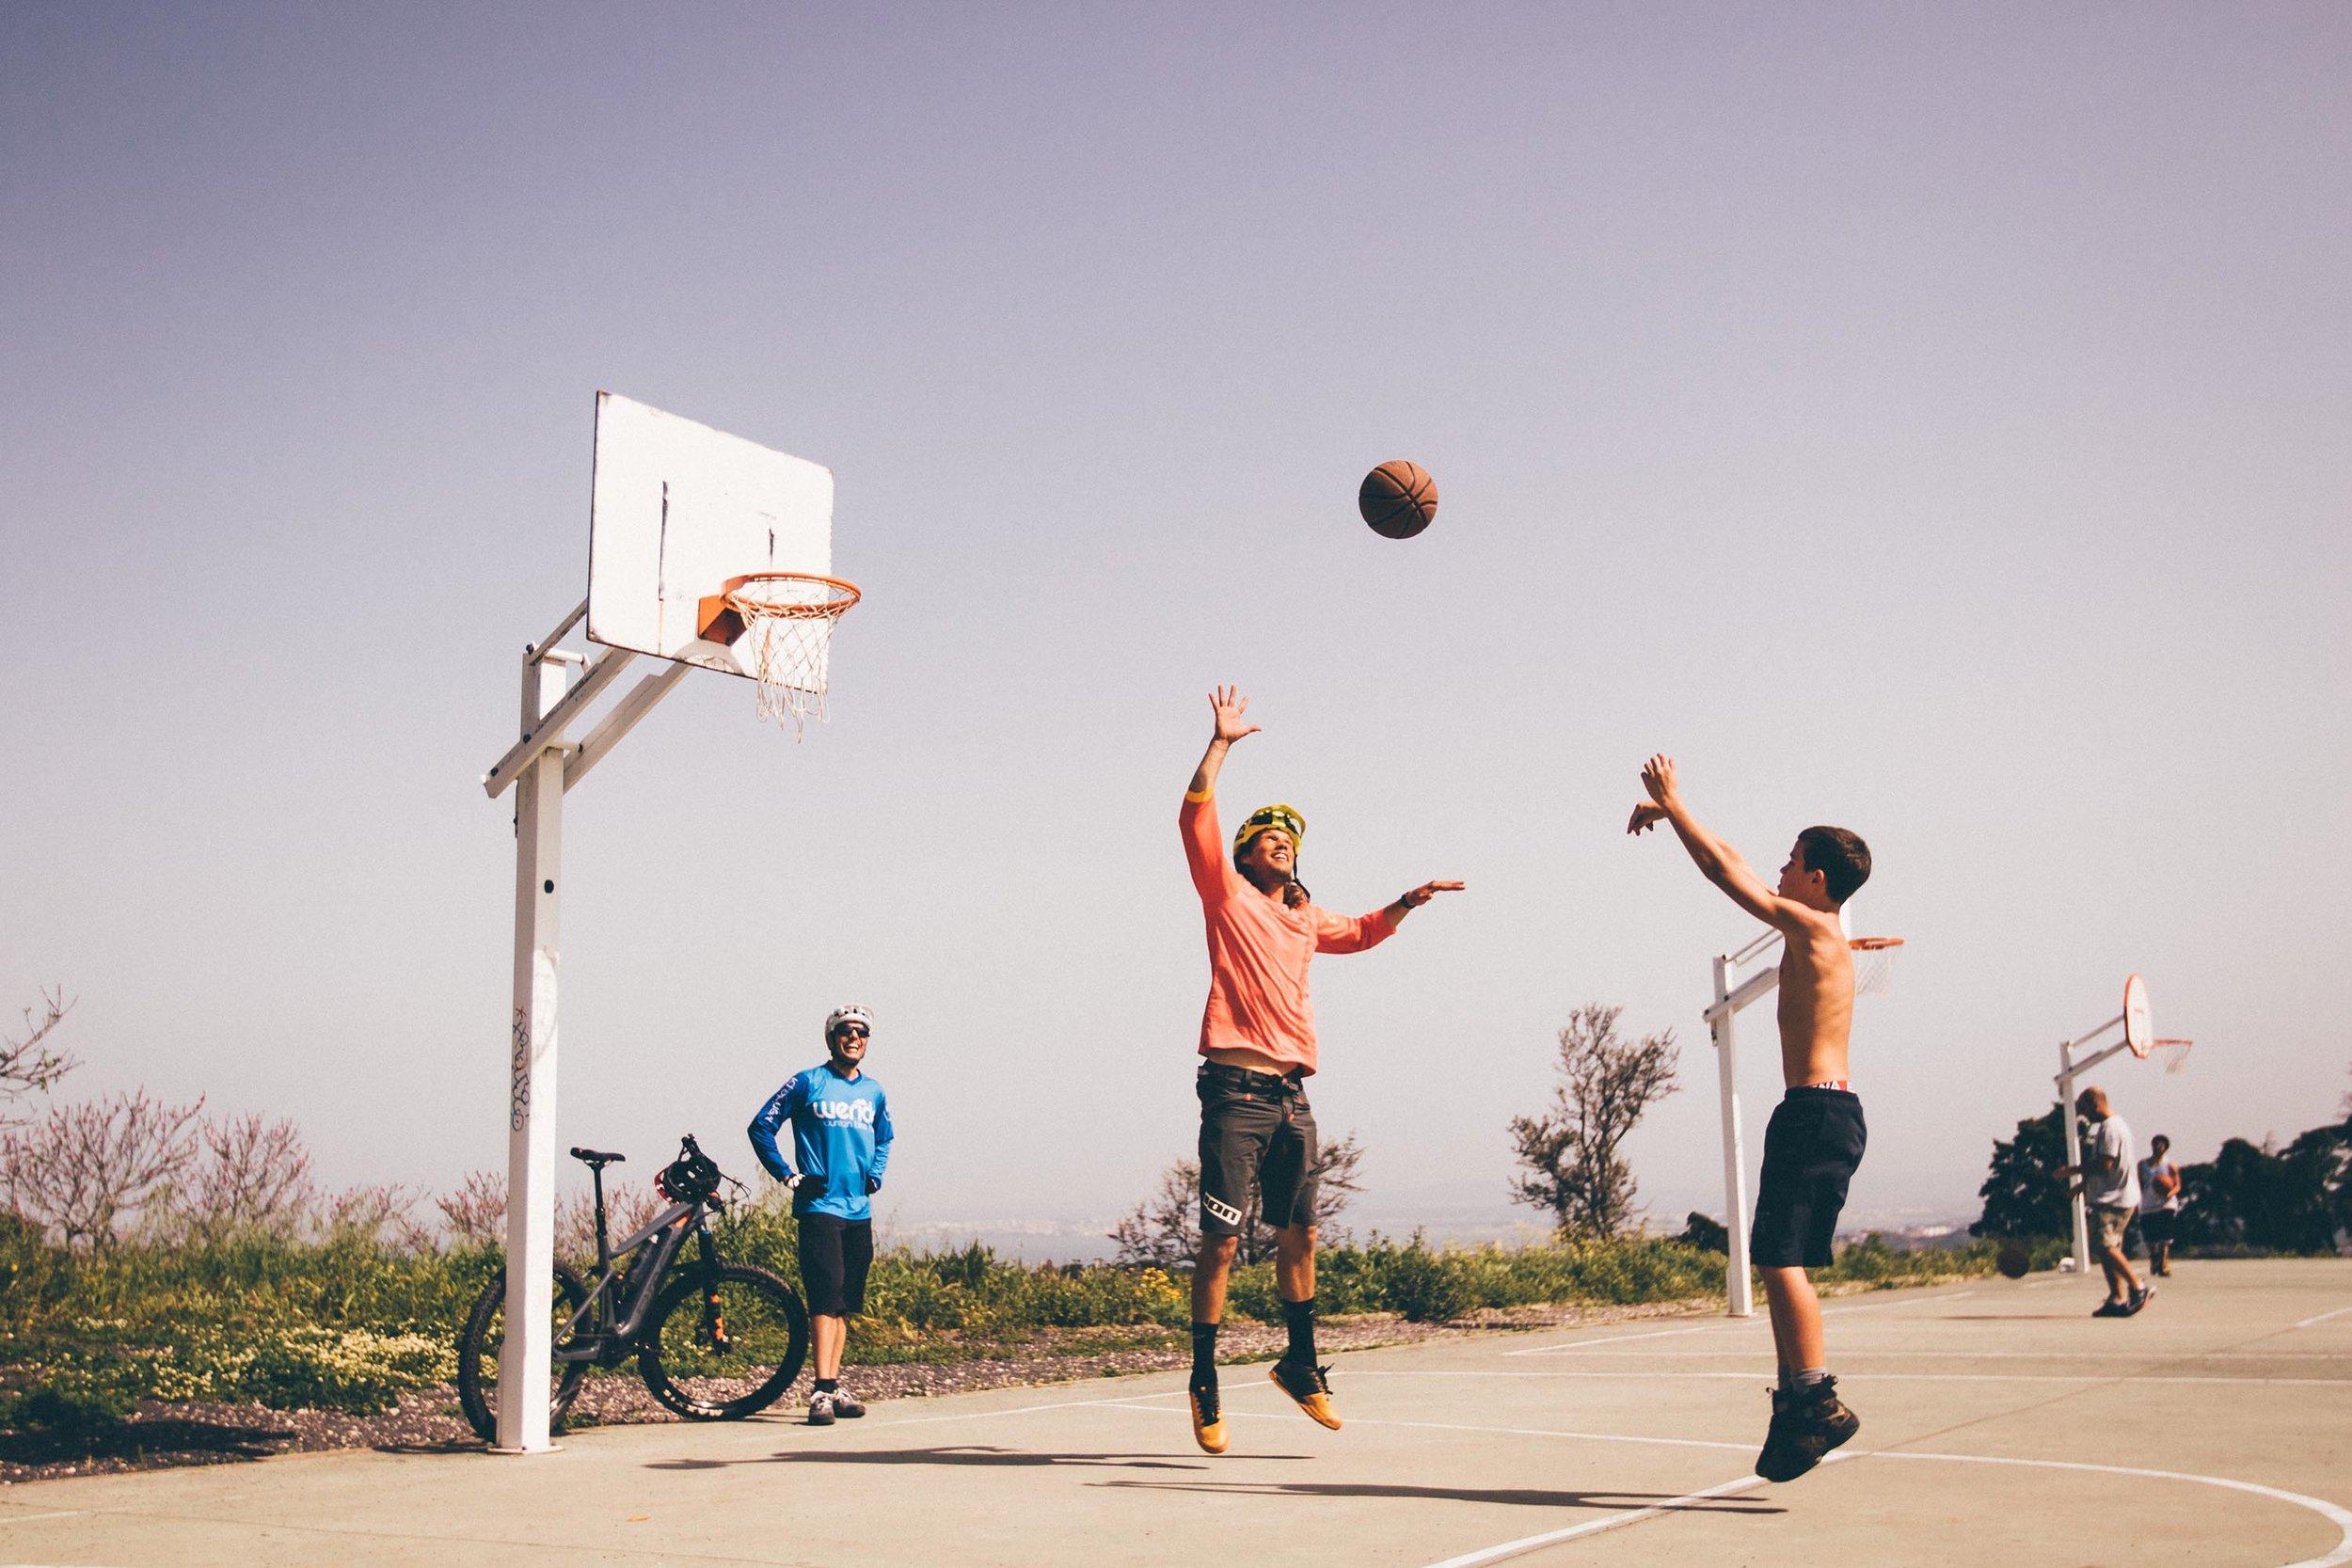 bikes and basketball